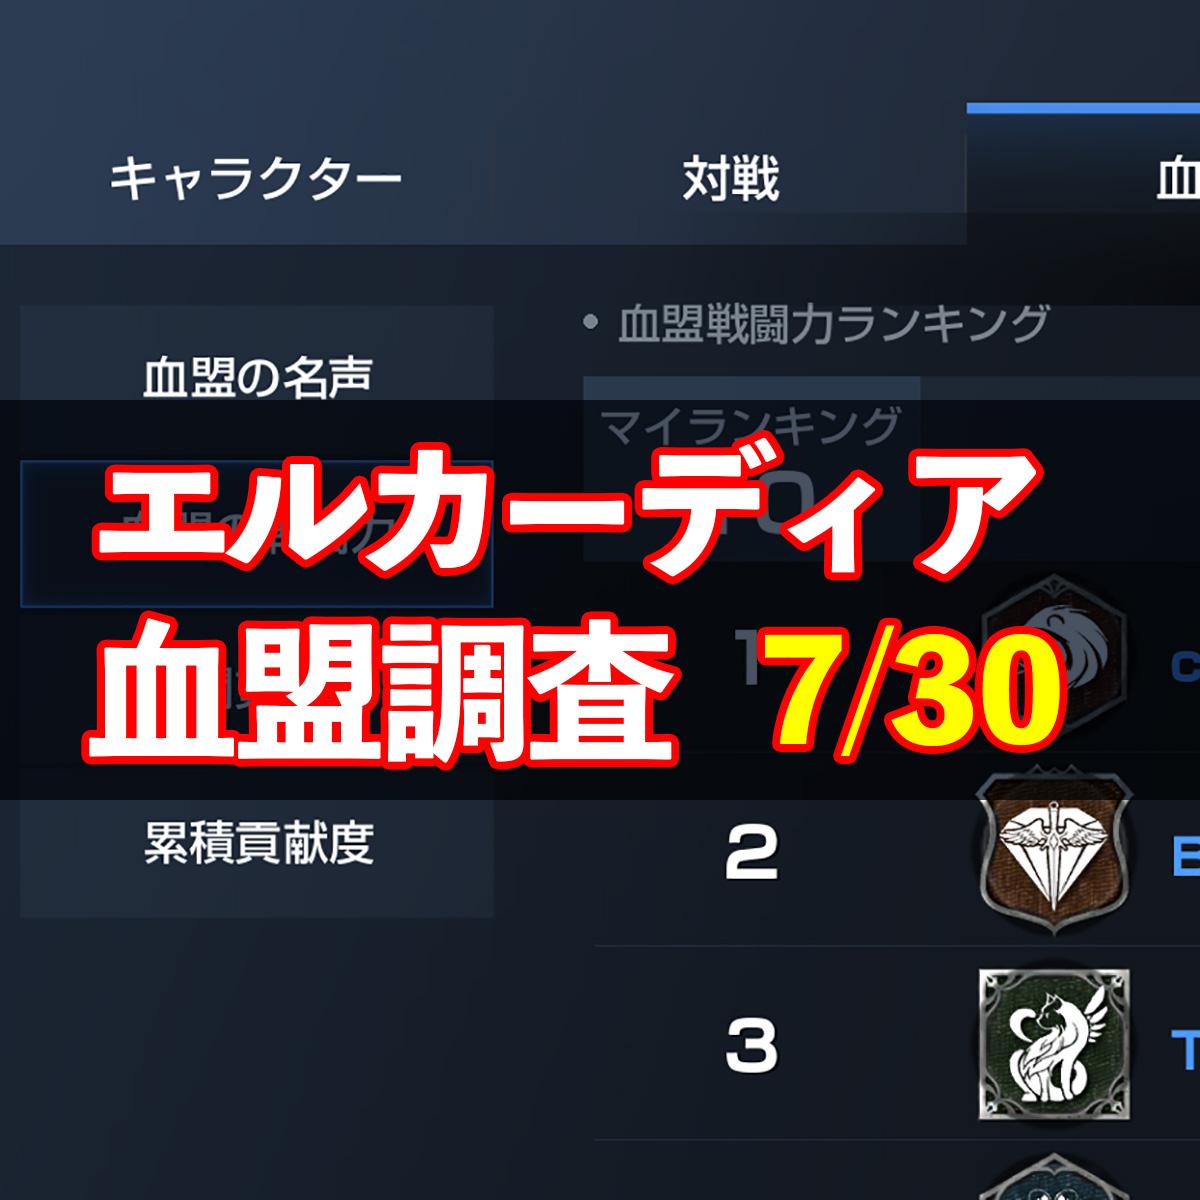 7/30エルカーディア情報|上位血盟の戦力を徹底分析!